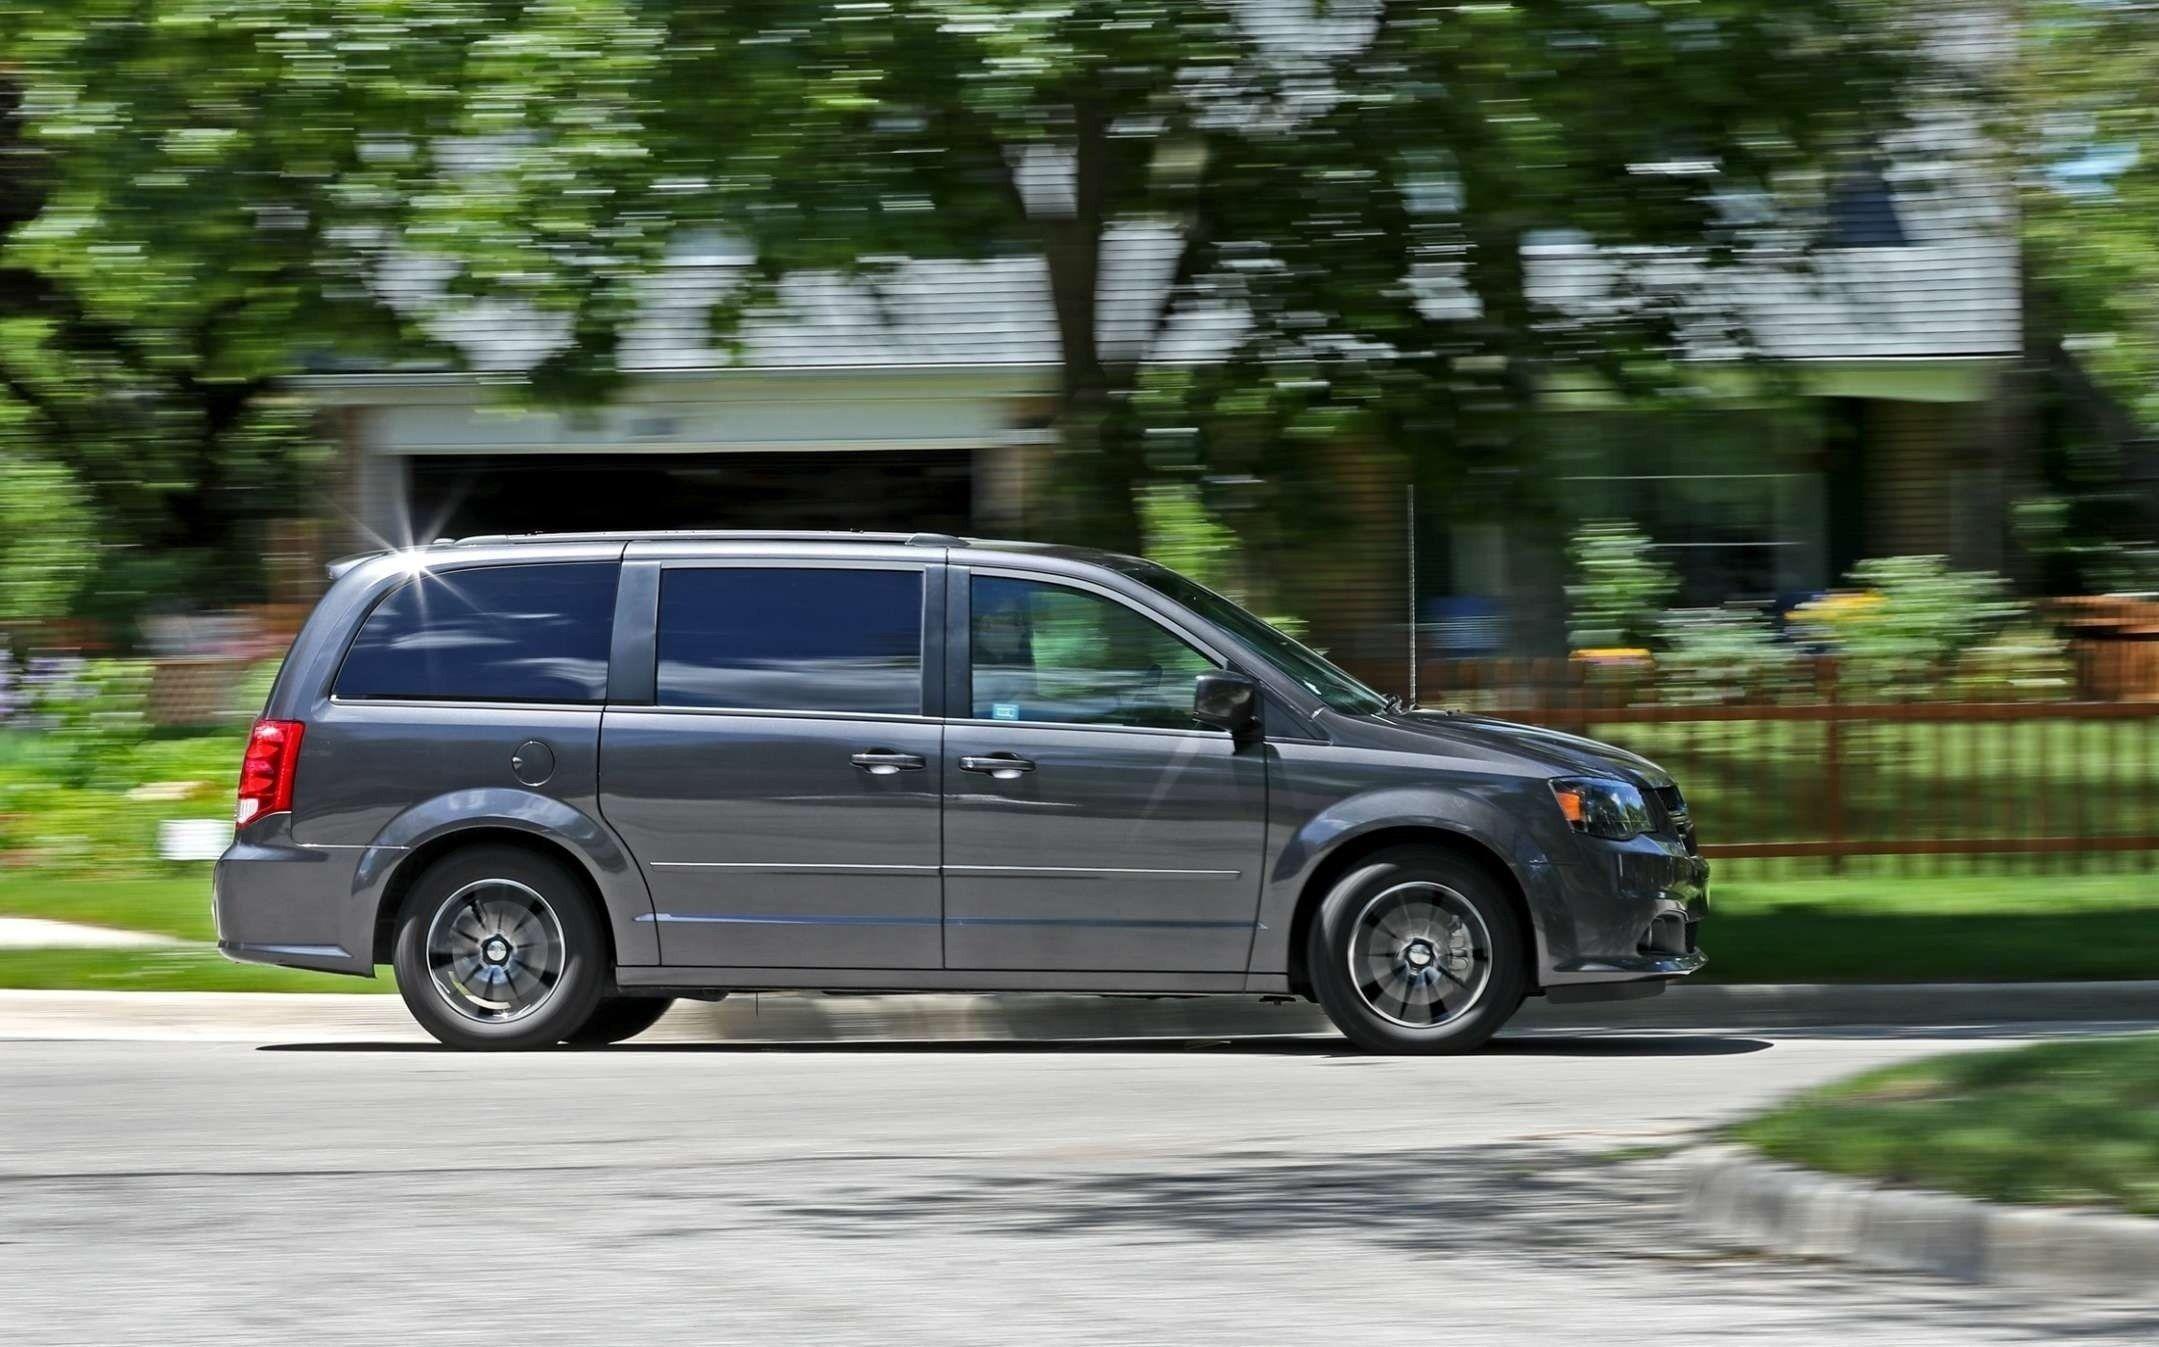 2020 Dodge Grand Caravan Redesign Base Price Grand Caravan Caravan Dodge